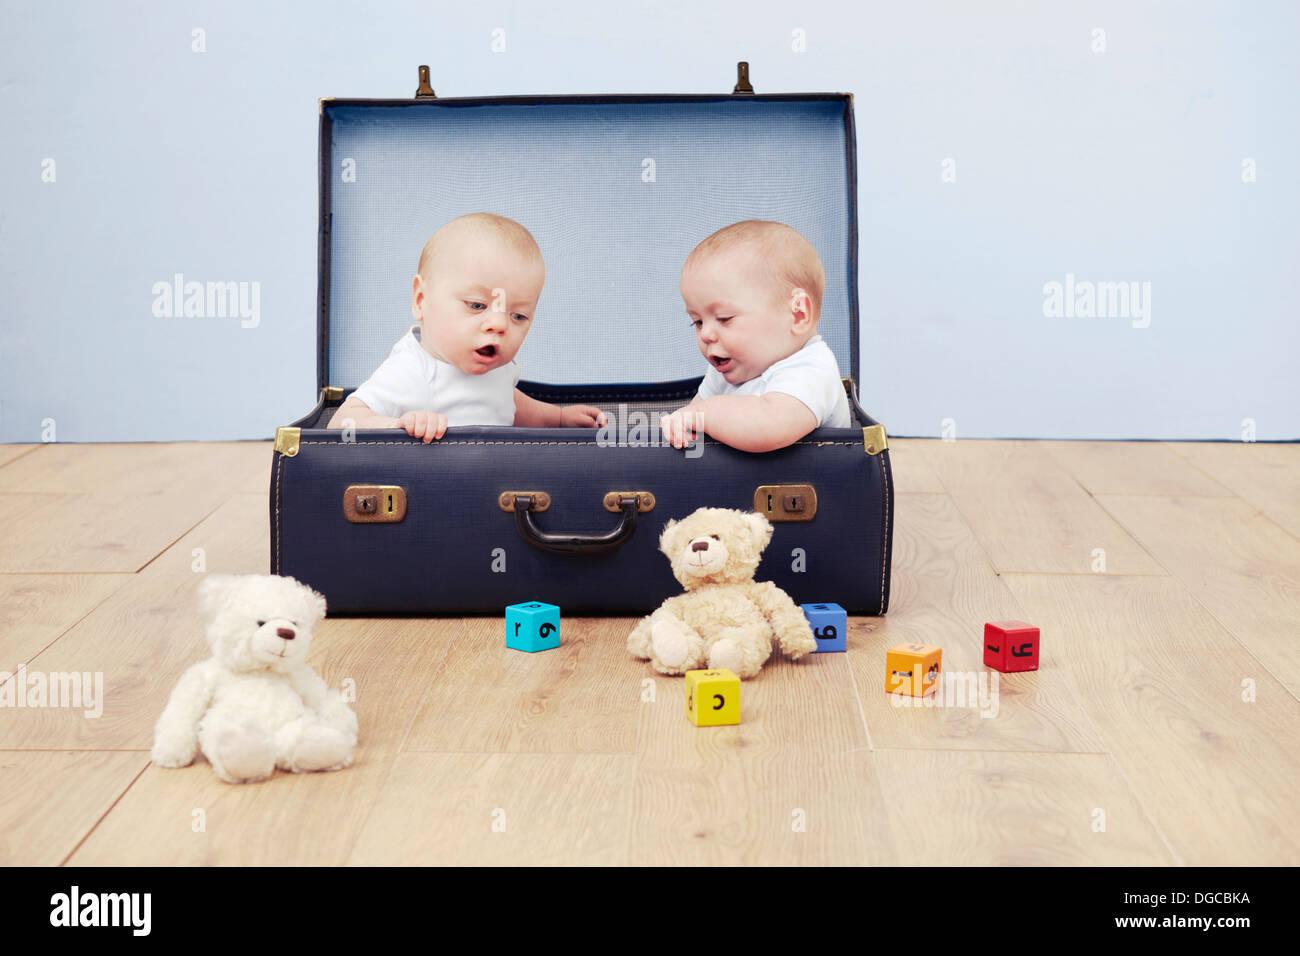 Deux garçons de bébé assis dans suitcase looking at toys Photo Stock